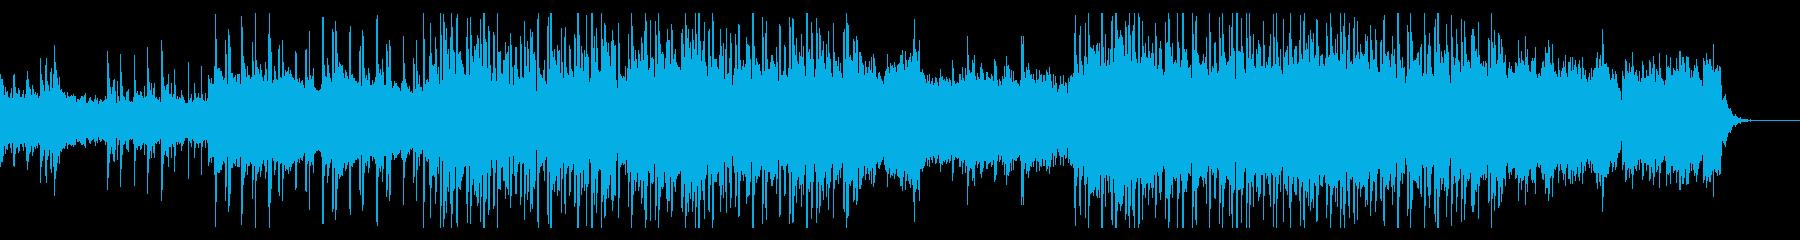 ポップ テクノ アンビエント おし...の再生済みの波形